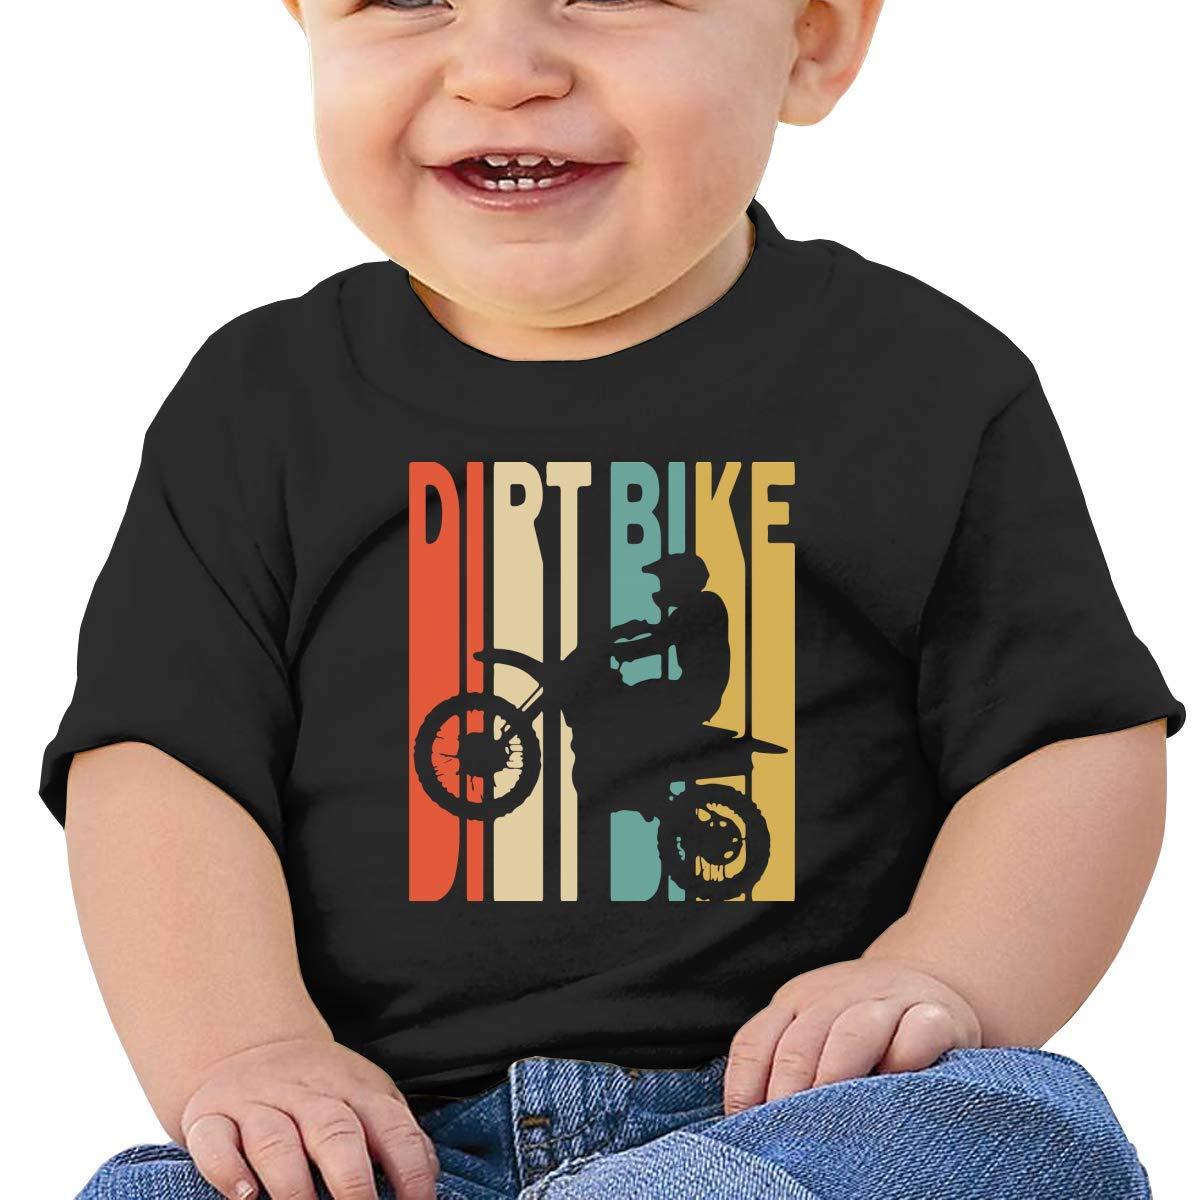 STARKLY Retro Style Dirt Bike Baby Boy Girl Newborn Short Sleeve Tee Shirt 6-24 Month 5 Tops